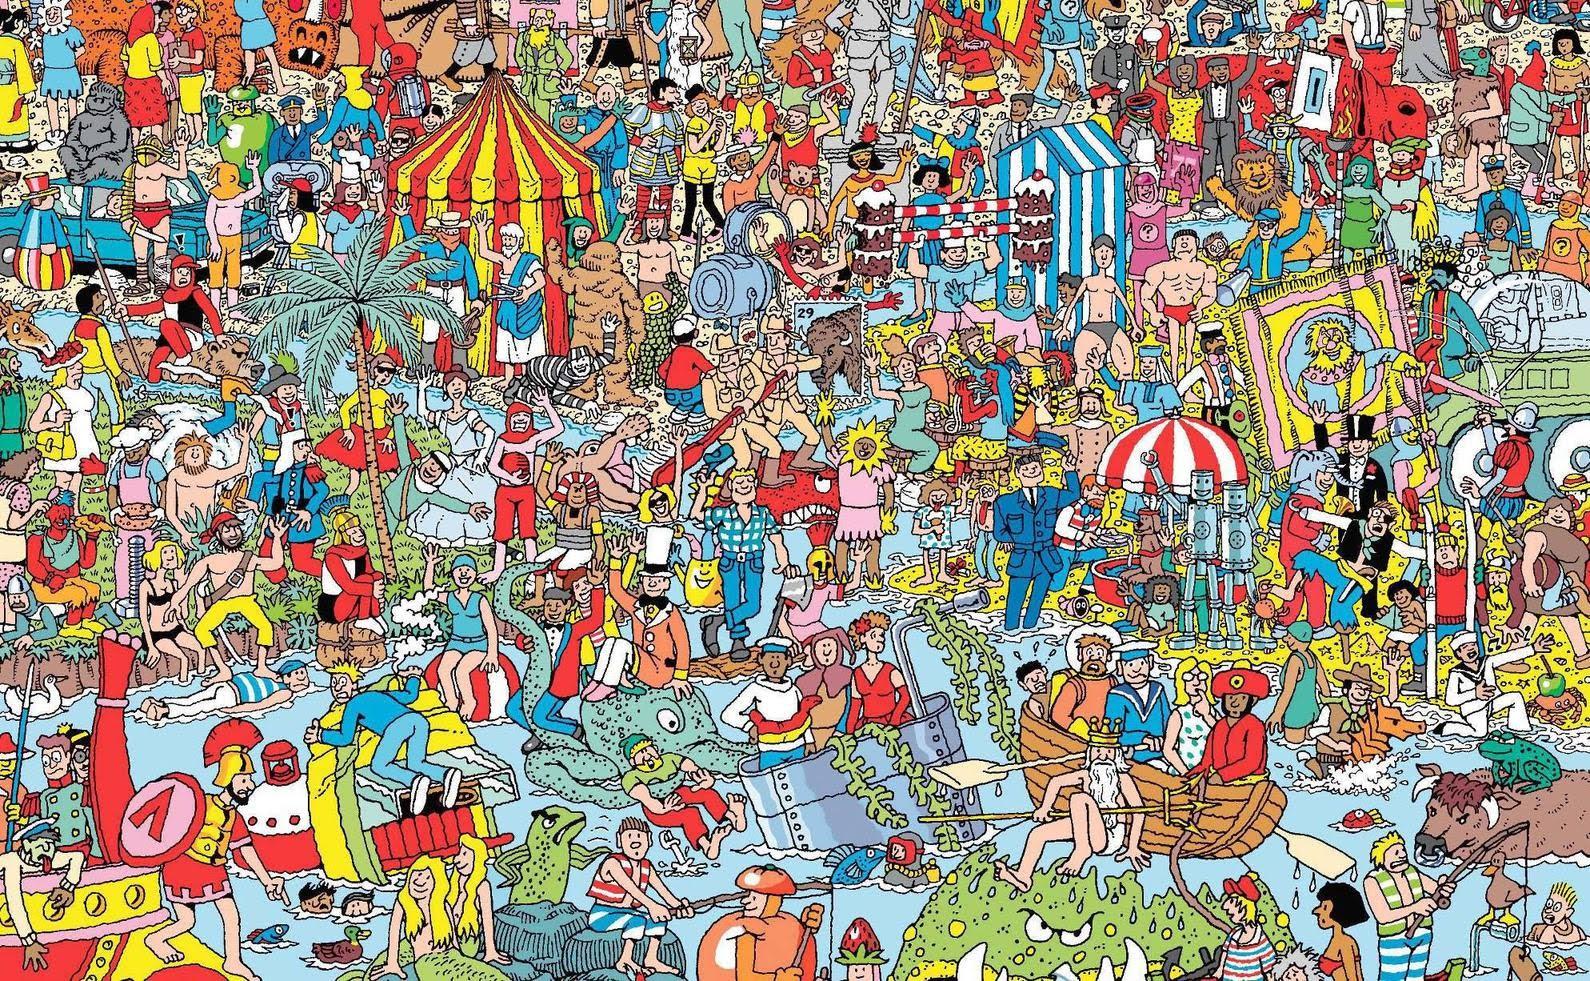 Gdzie jest Wally? Niebawem będziemy go szukać na ekranach kin